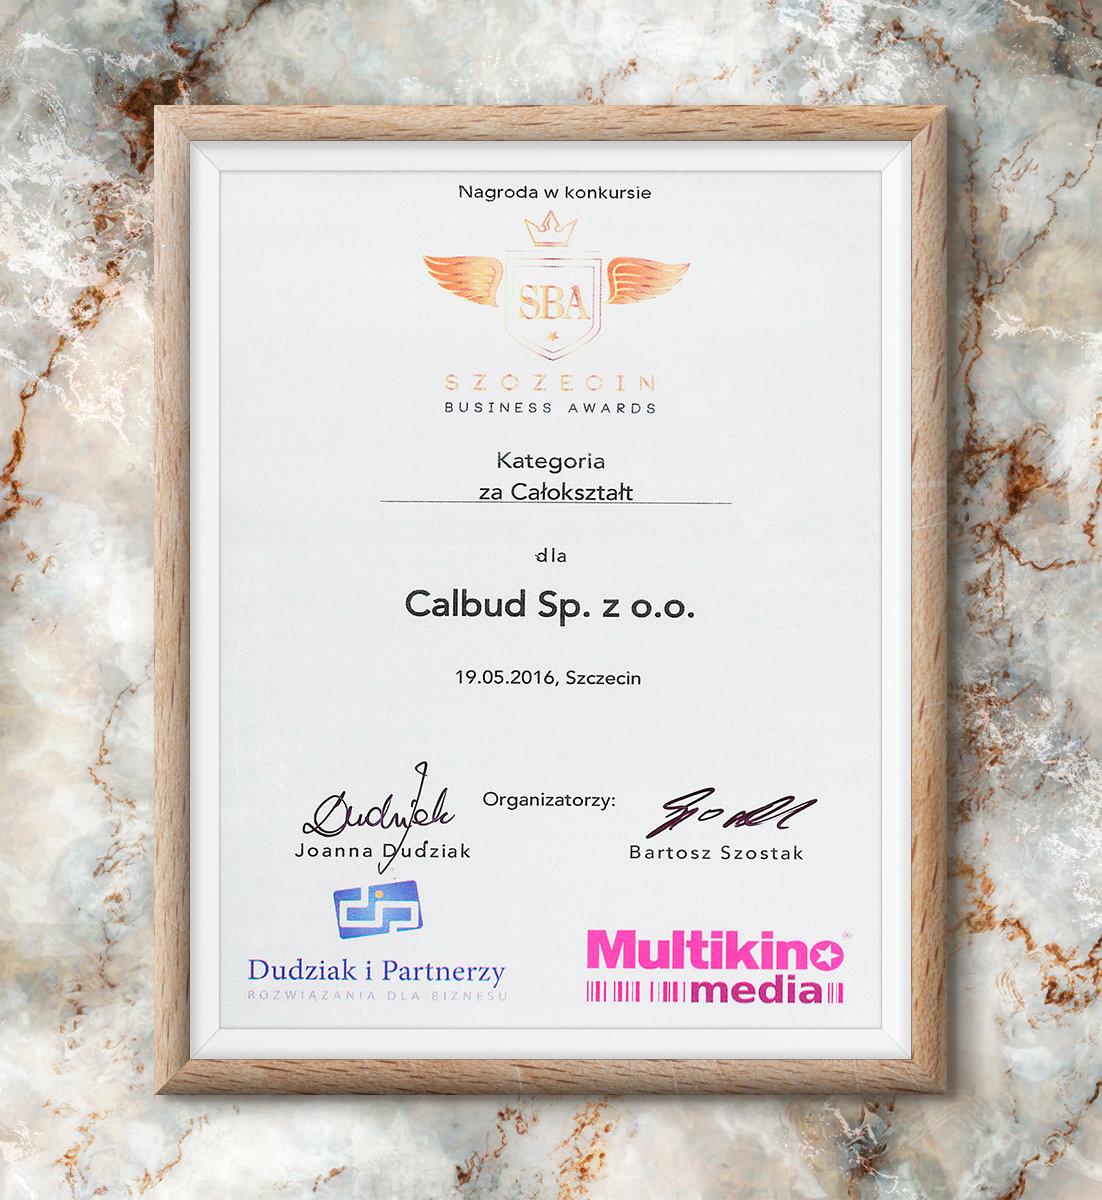 Szczecin Business Awards 2016 - nagroda za całokształt